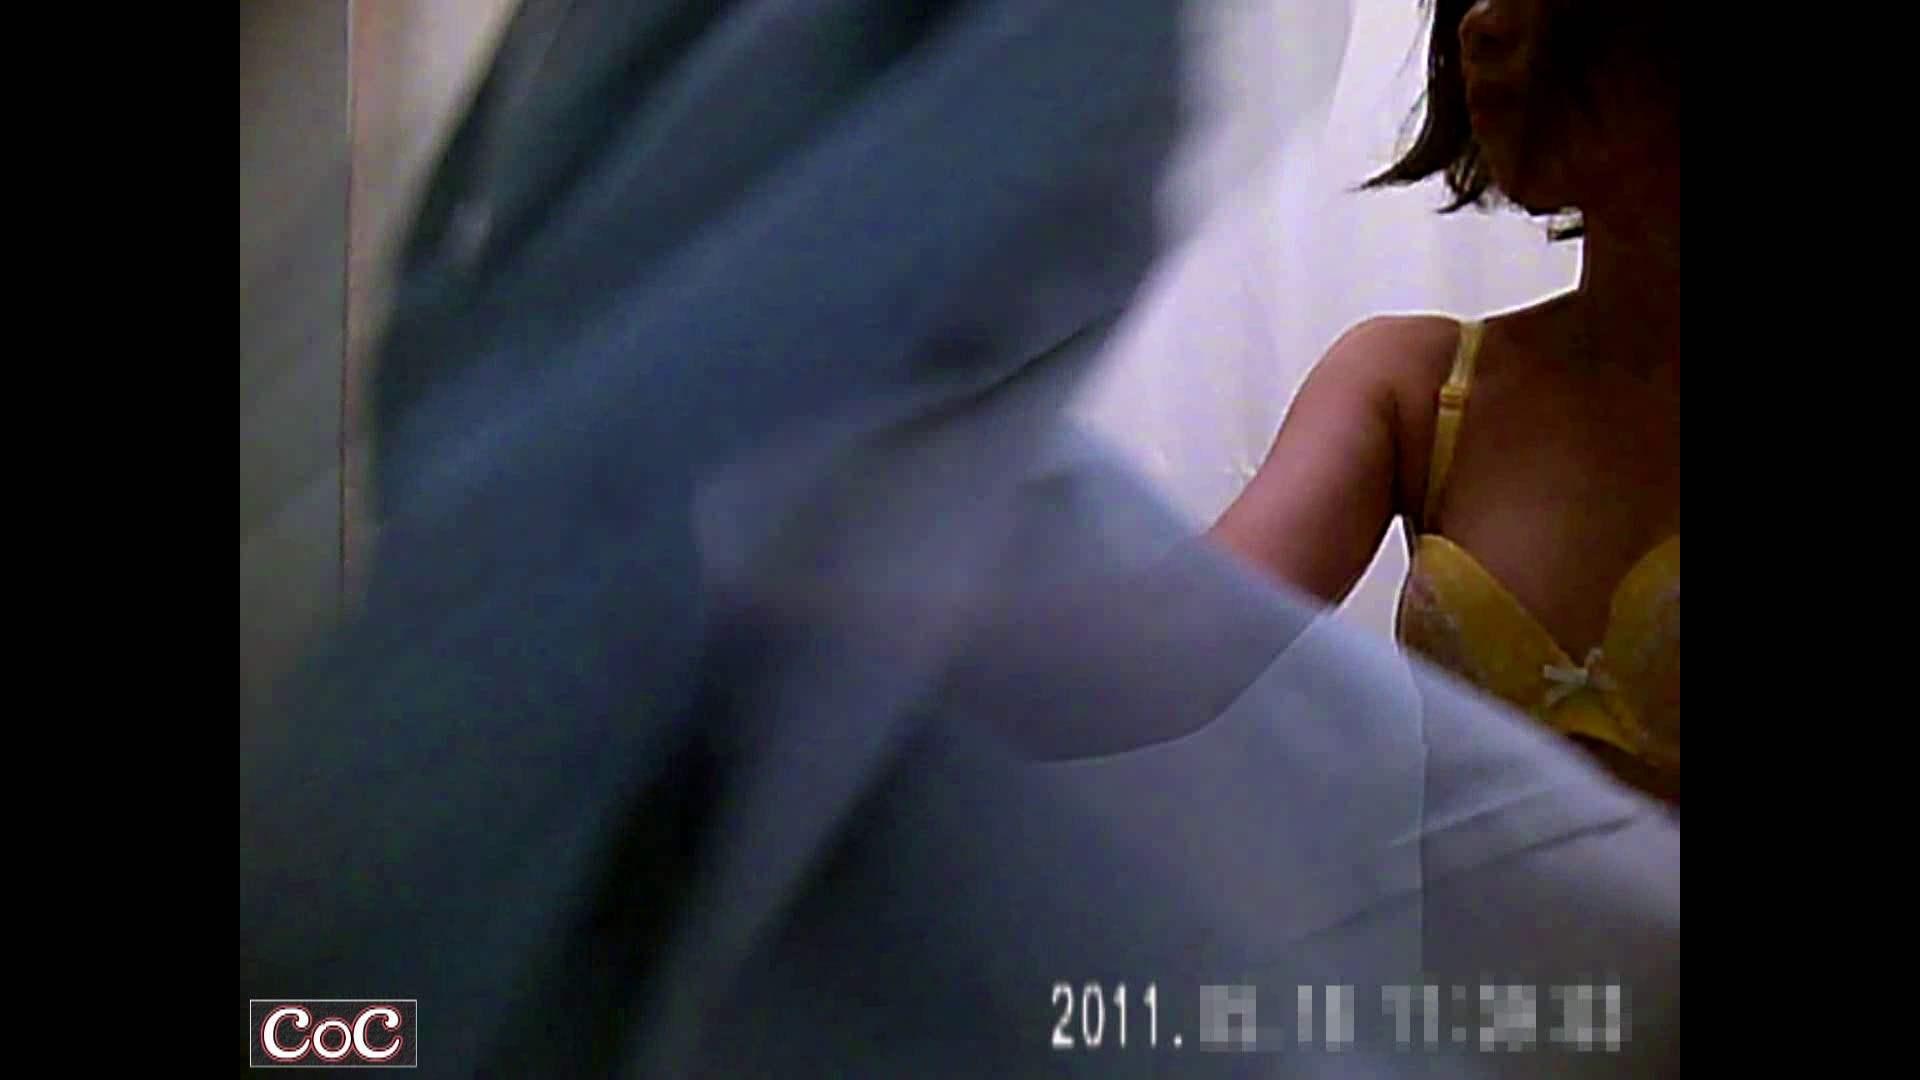 病院おもいっきり着替え! vol.130 乳首ポロリ 盗撮ヌード画像 104画像 46